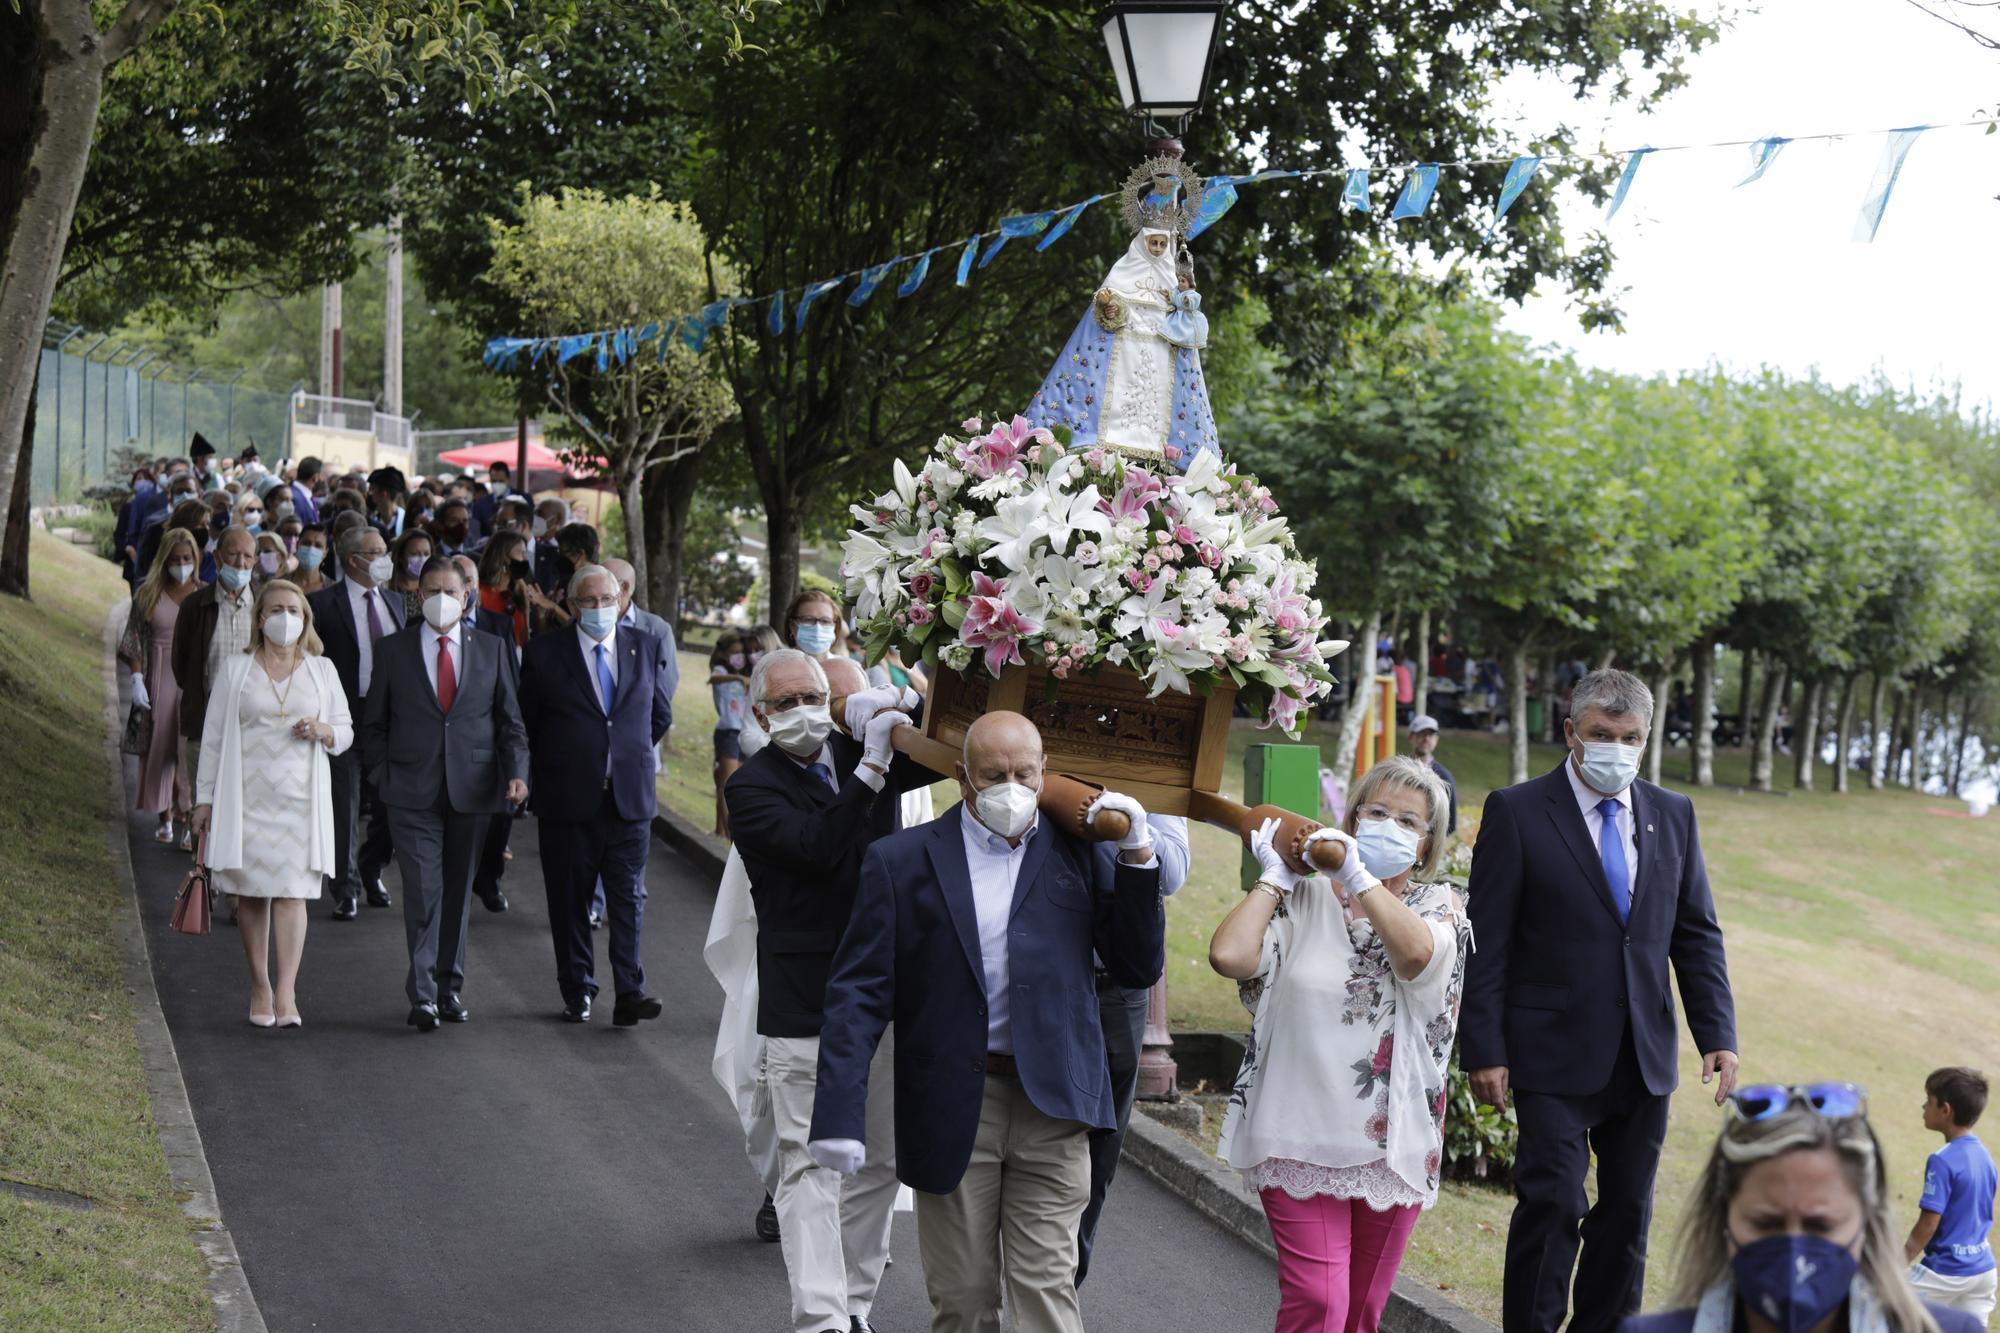 Fiesta de Nuestra Señora de Covadonga en el Centro Asturiano de Oviedo